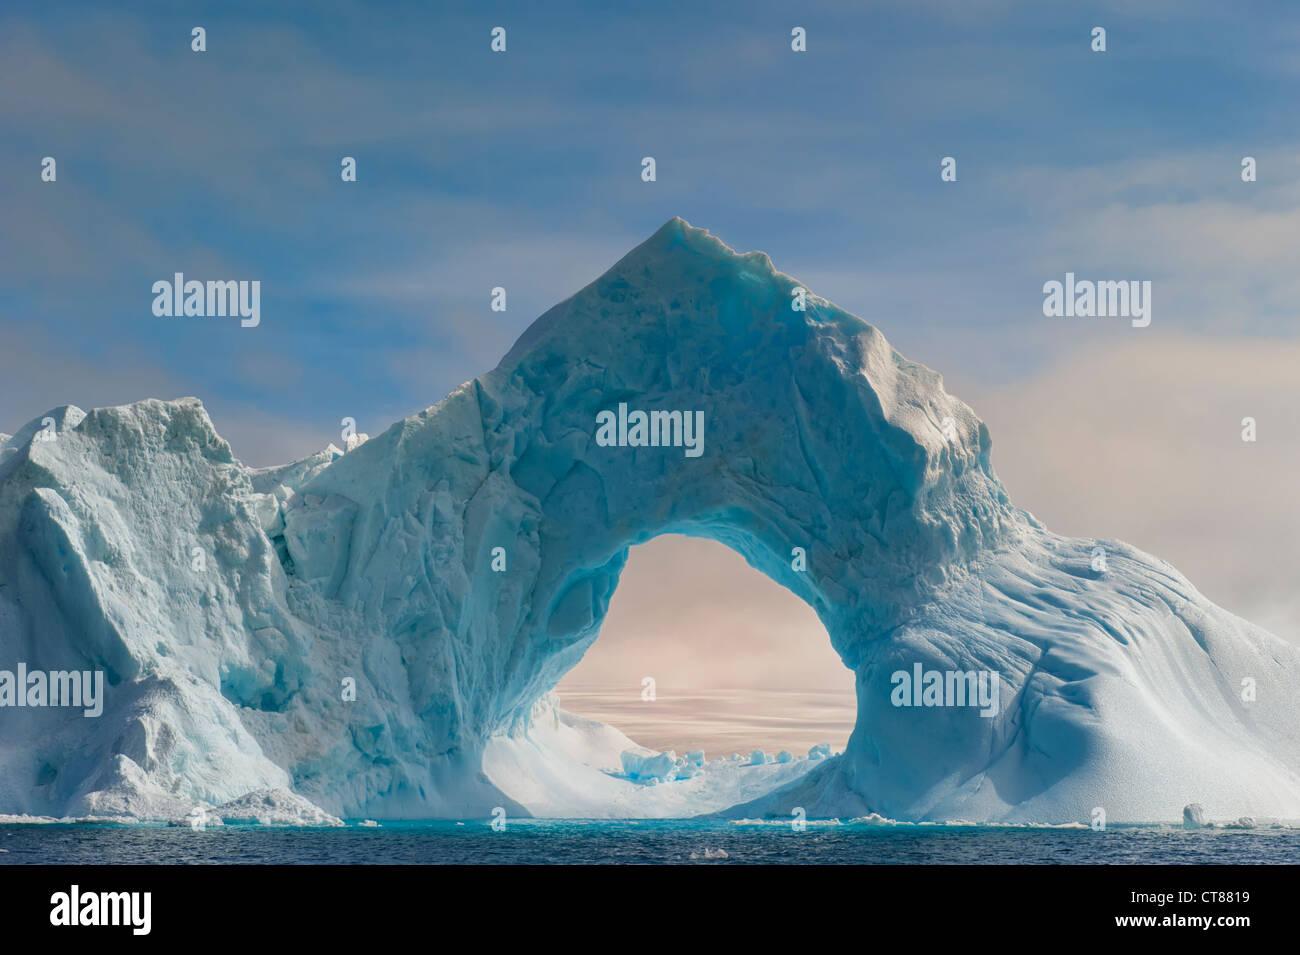 Arco Naturale scolpito in un iceberg, Antartico Suono, Penisola Antartica Immagini Stock